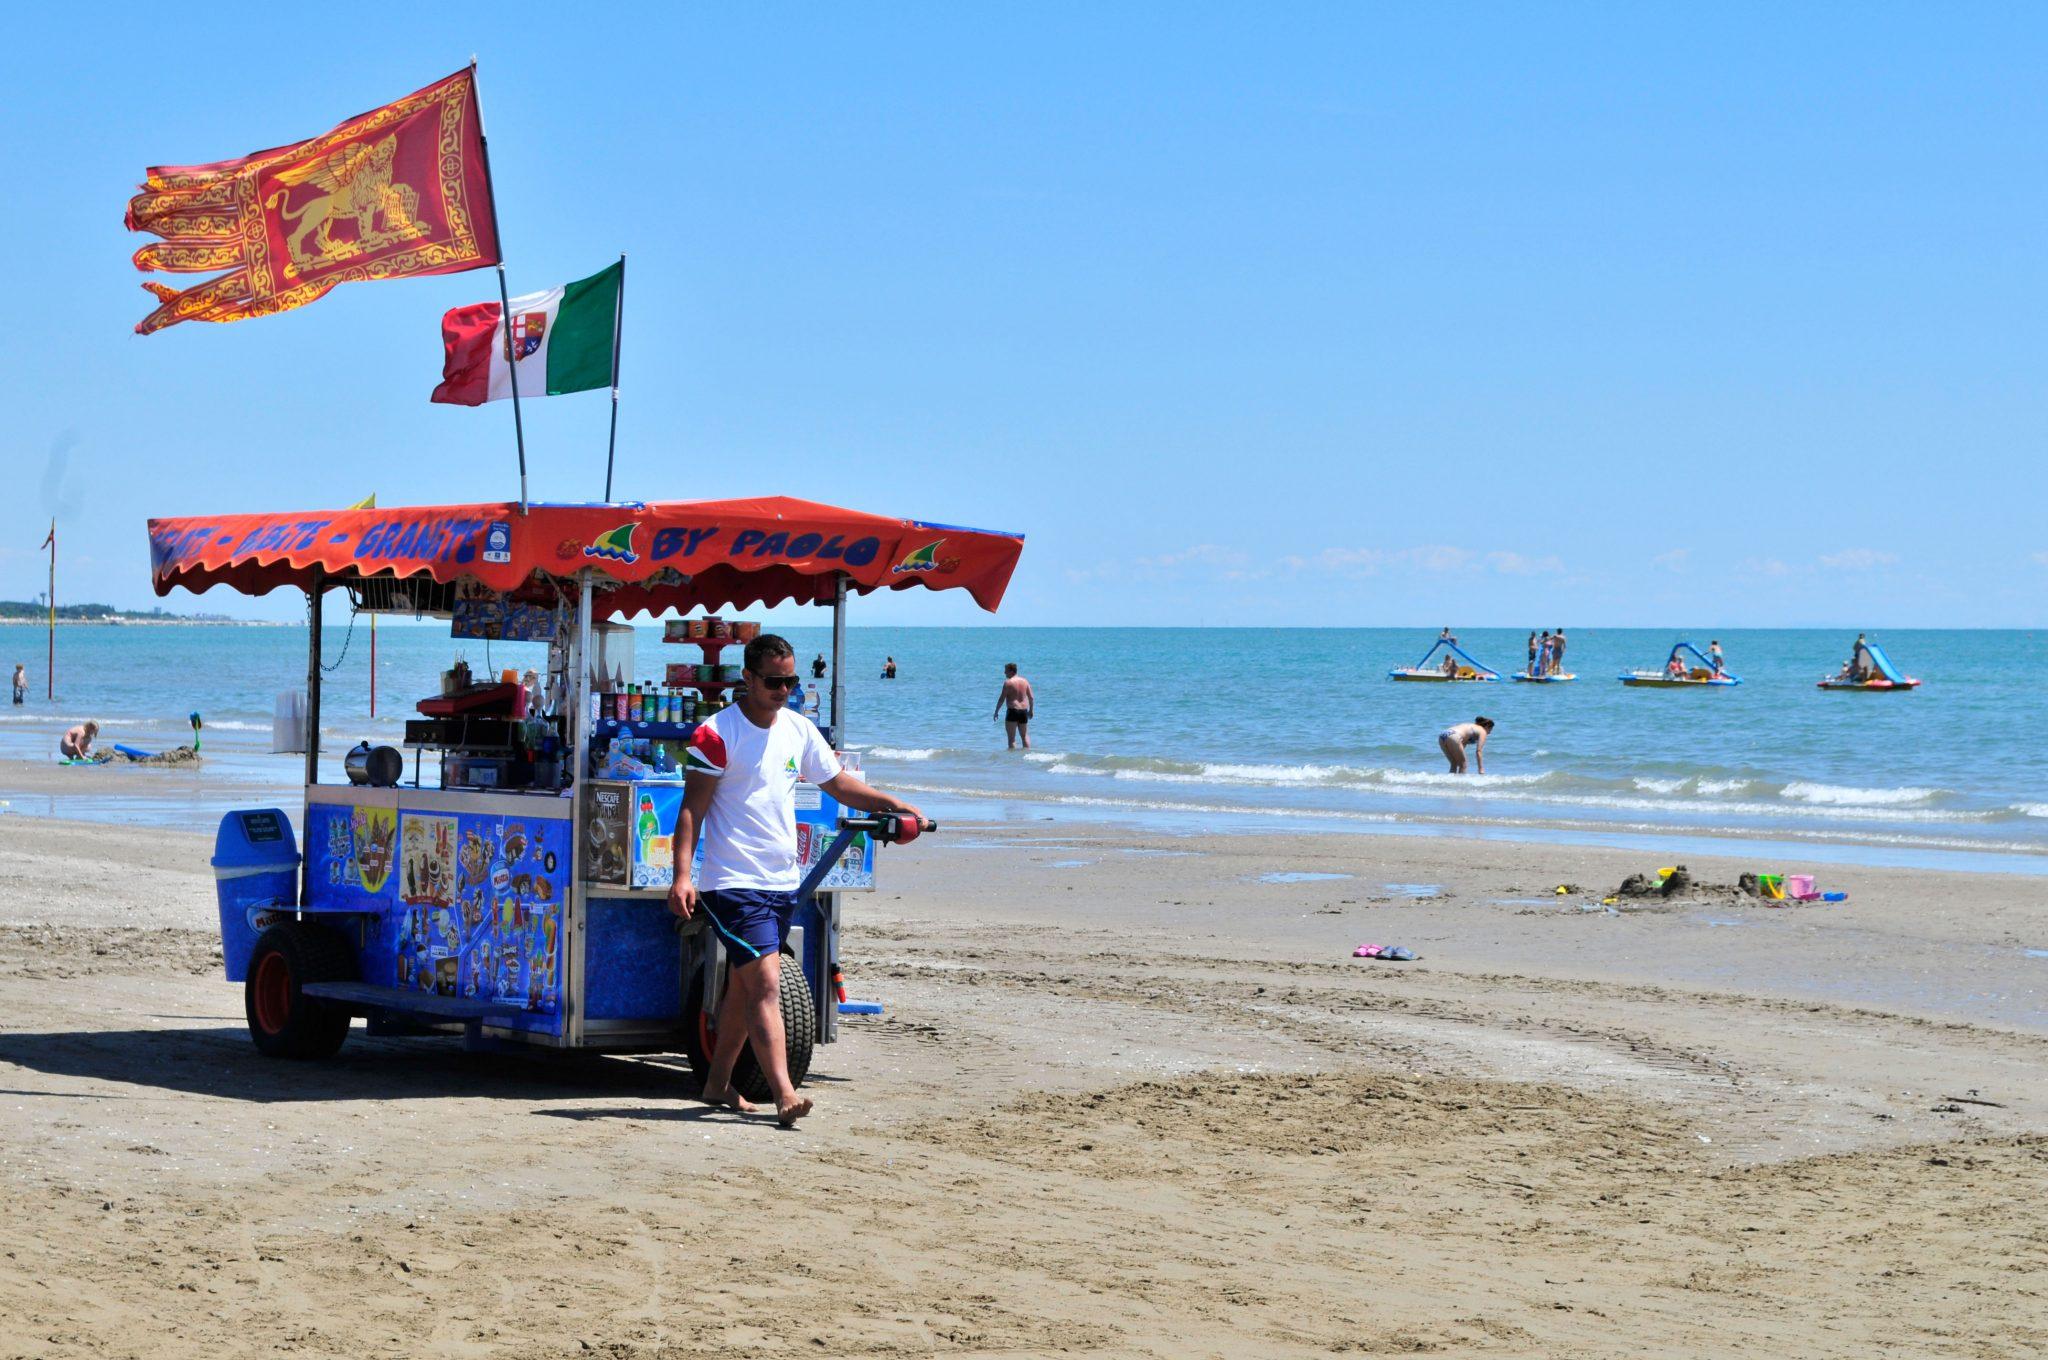 Eiswagen in Italien am Strand.